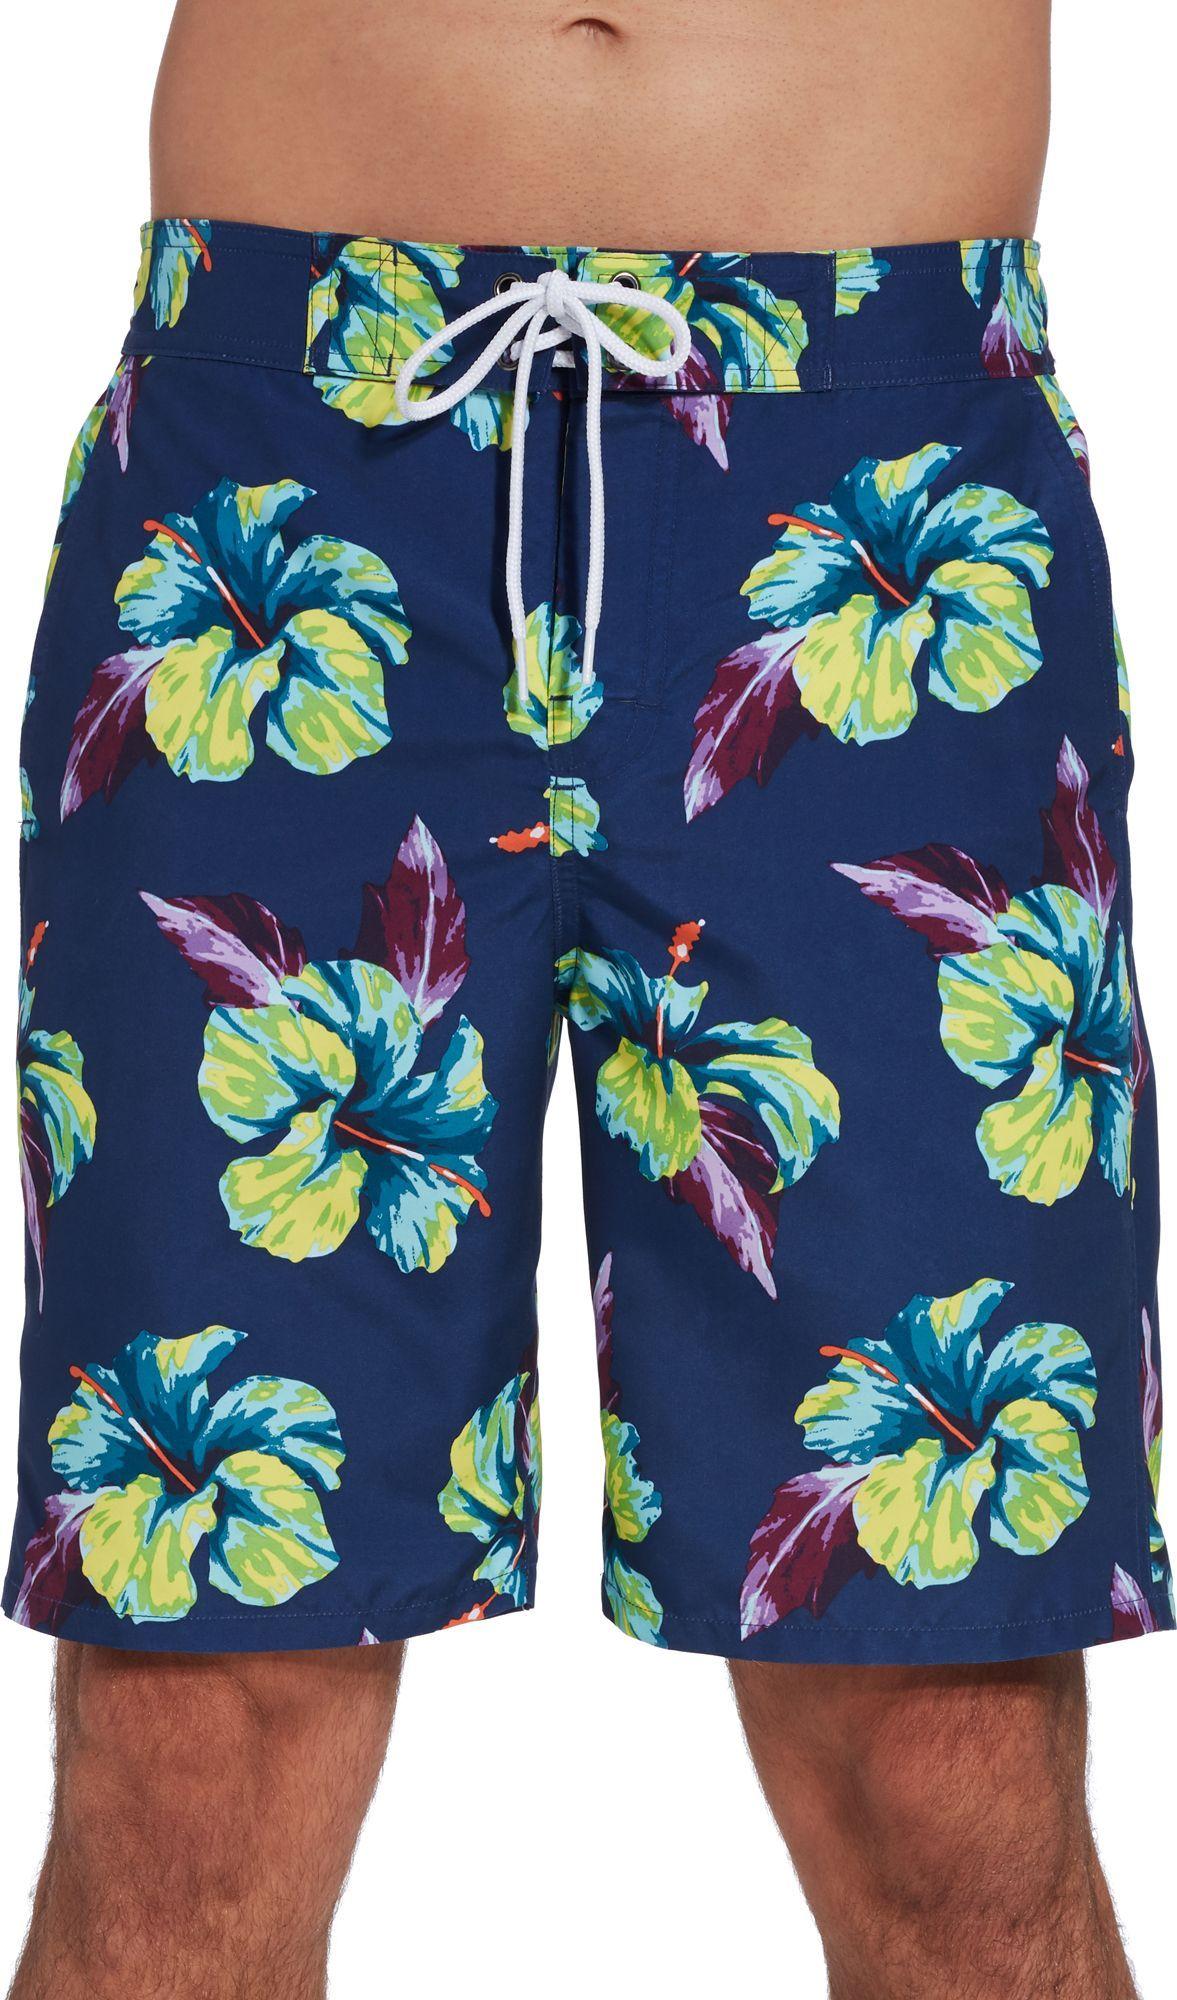 6b14ebde39 Men's Jude Modern Board Shorts | Products | Shorts, Swimwear, Swim ...